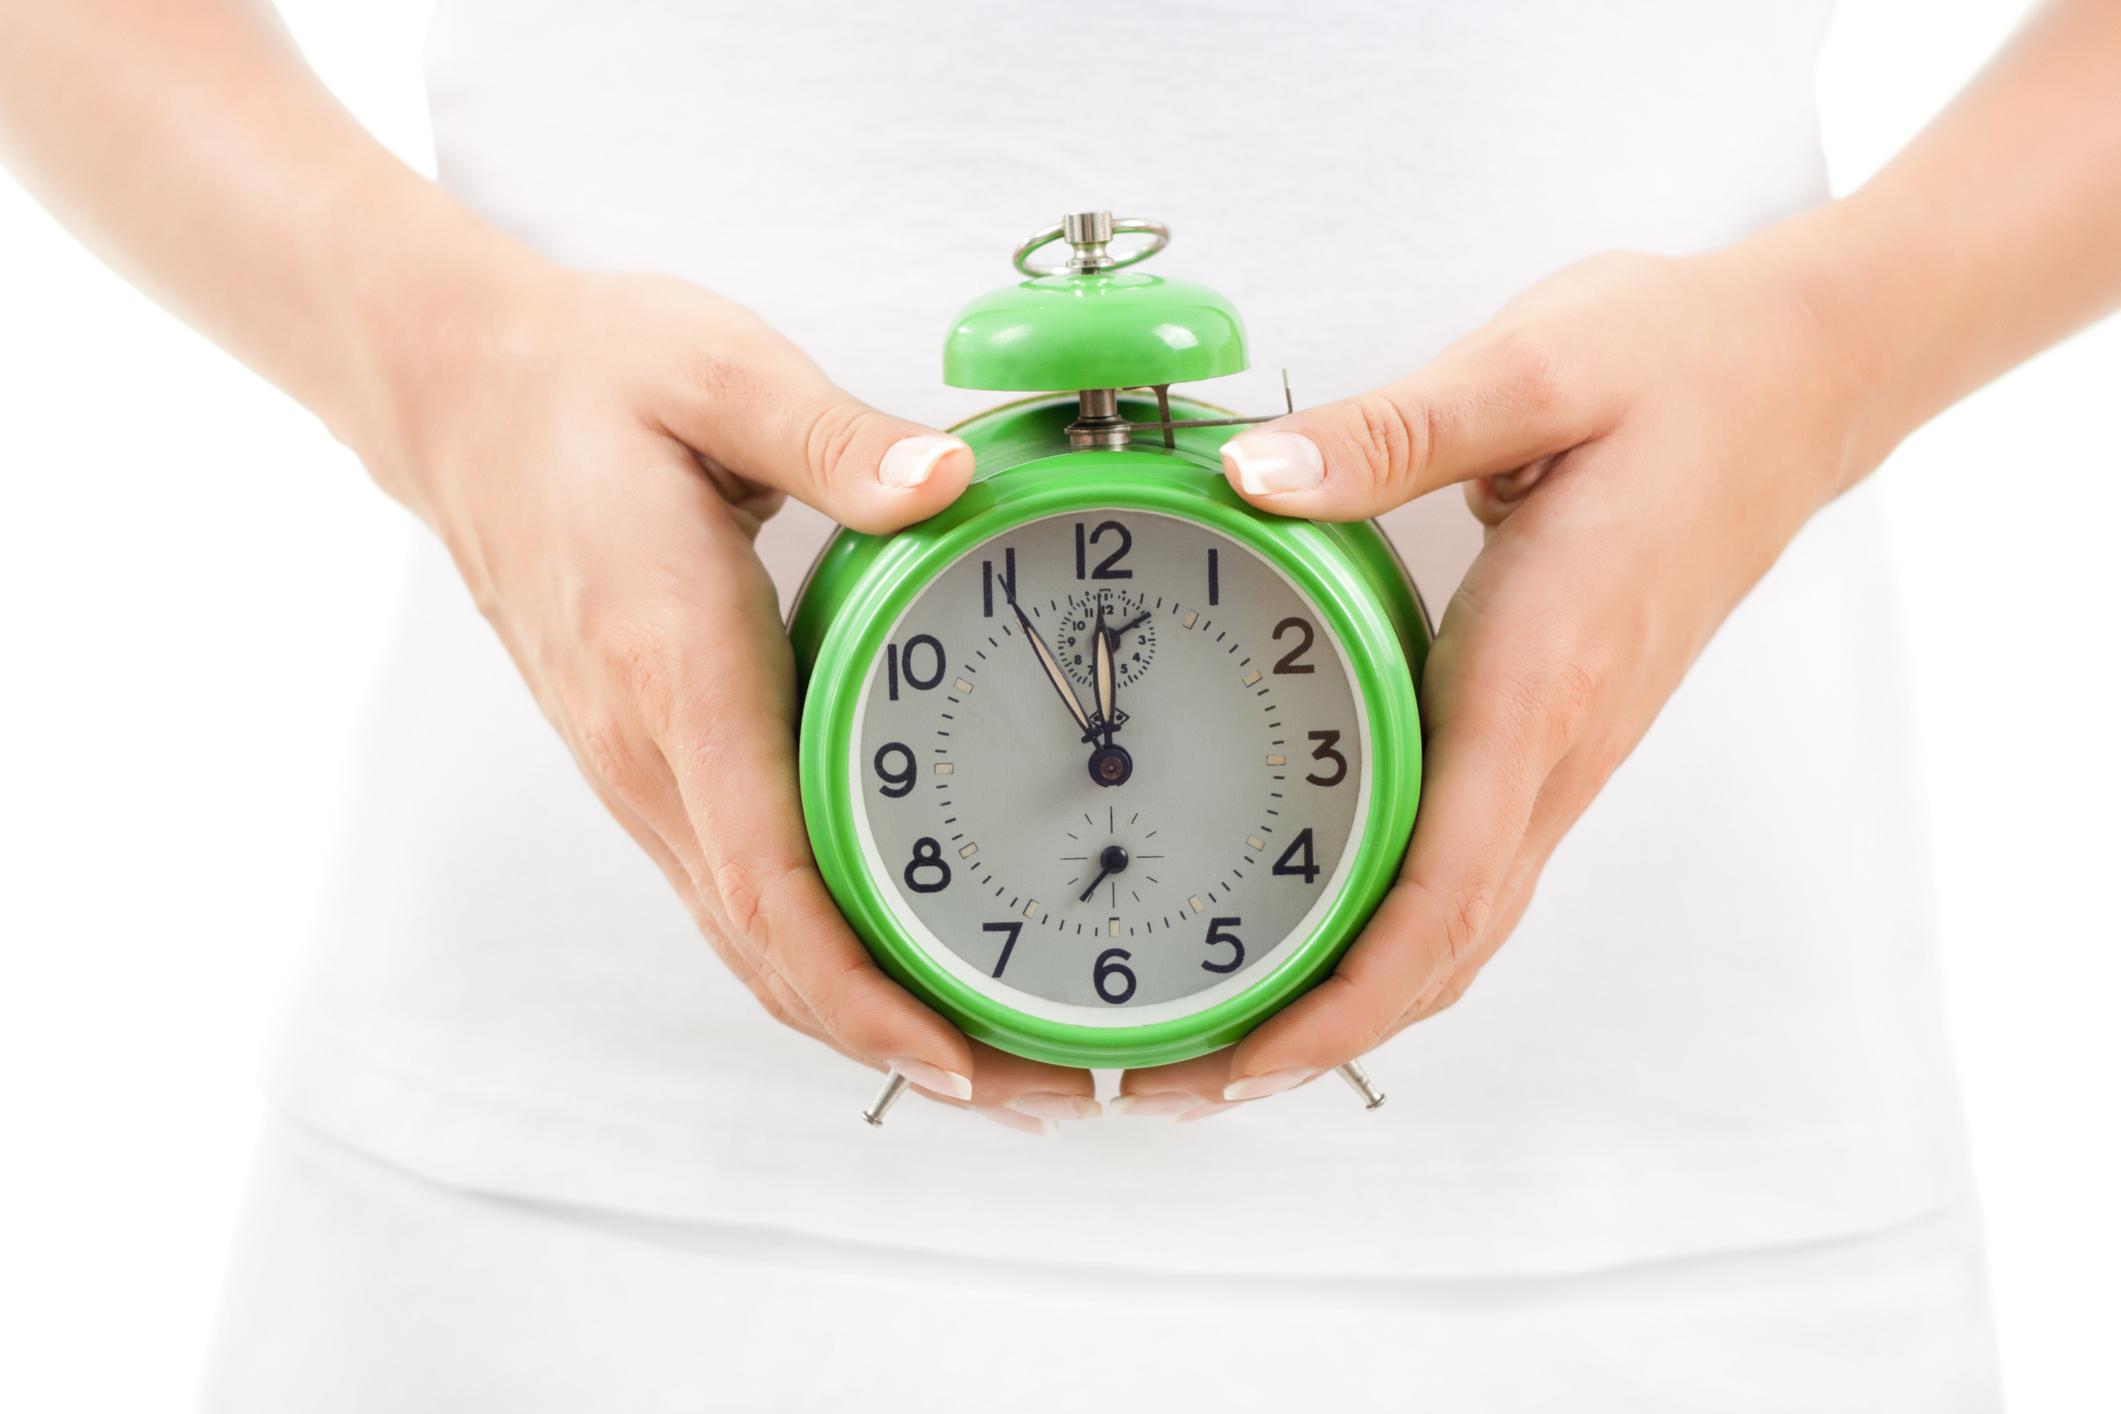 Затребувані лайфхаки, які допоможуть зупинити біологічні годинники